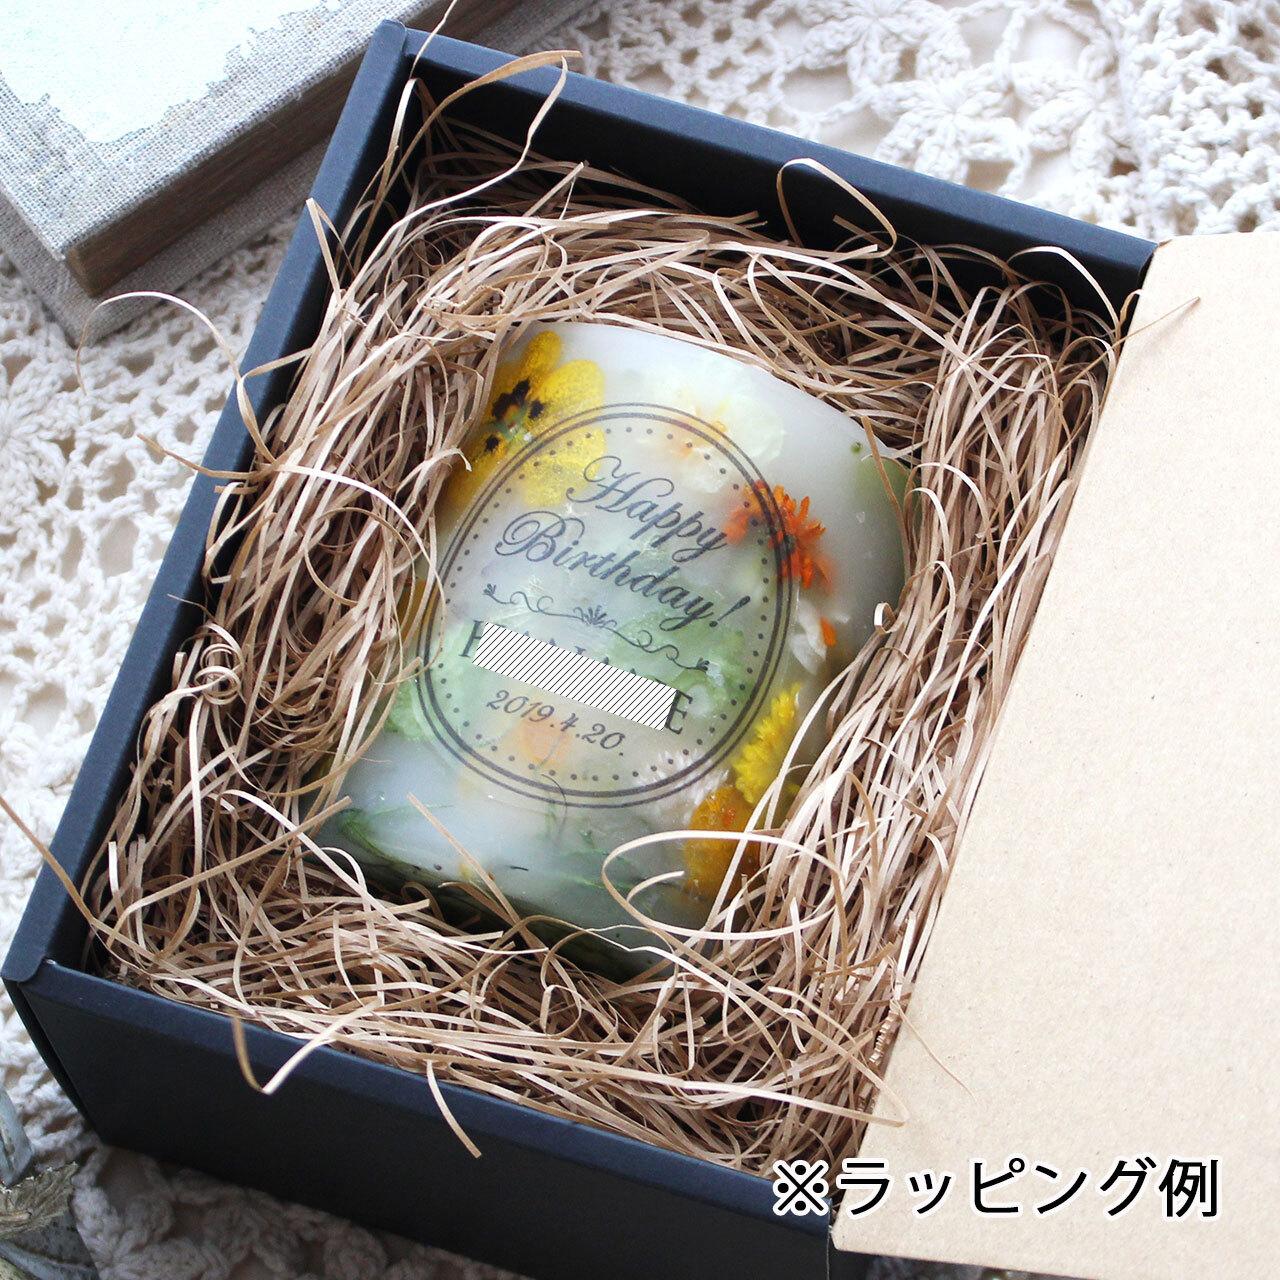 NC273 ギフトラッピング付き☆メッセージ&日付&名入れボタニカルキャンドル ローズ